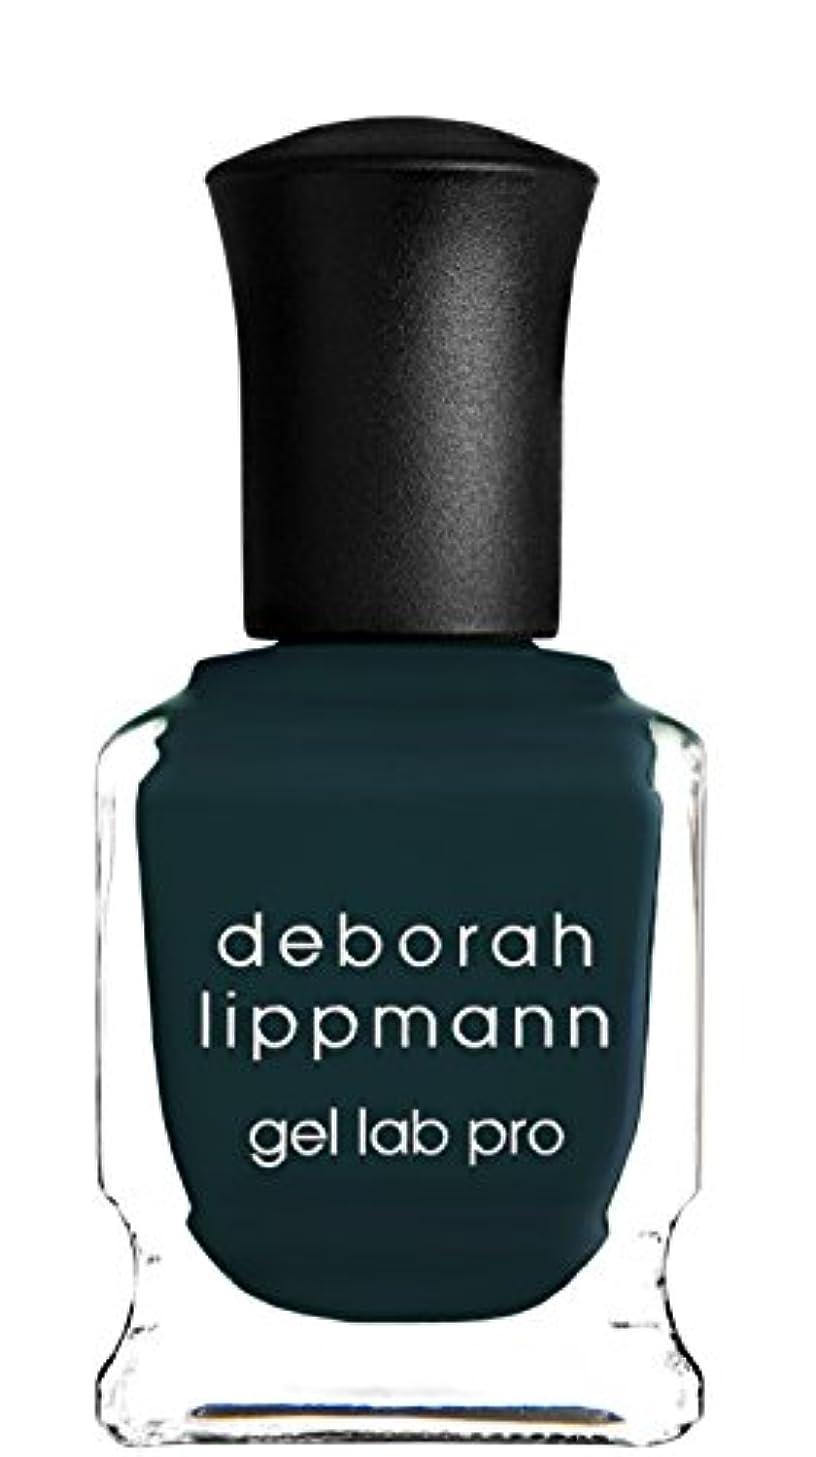 分解するれんが黄ばむ[Deborah Lippmann] デボラリップマン ジェルラボプロ ワイルド シング(カラー:カーキグリーン)/ WILD THING ジェルポリッシュ 15mL